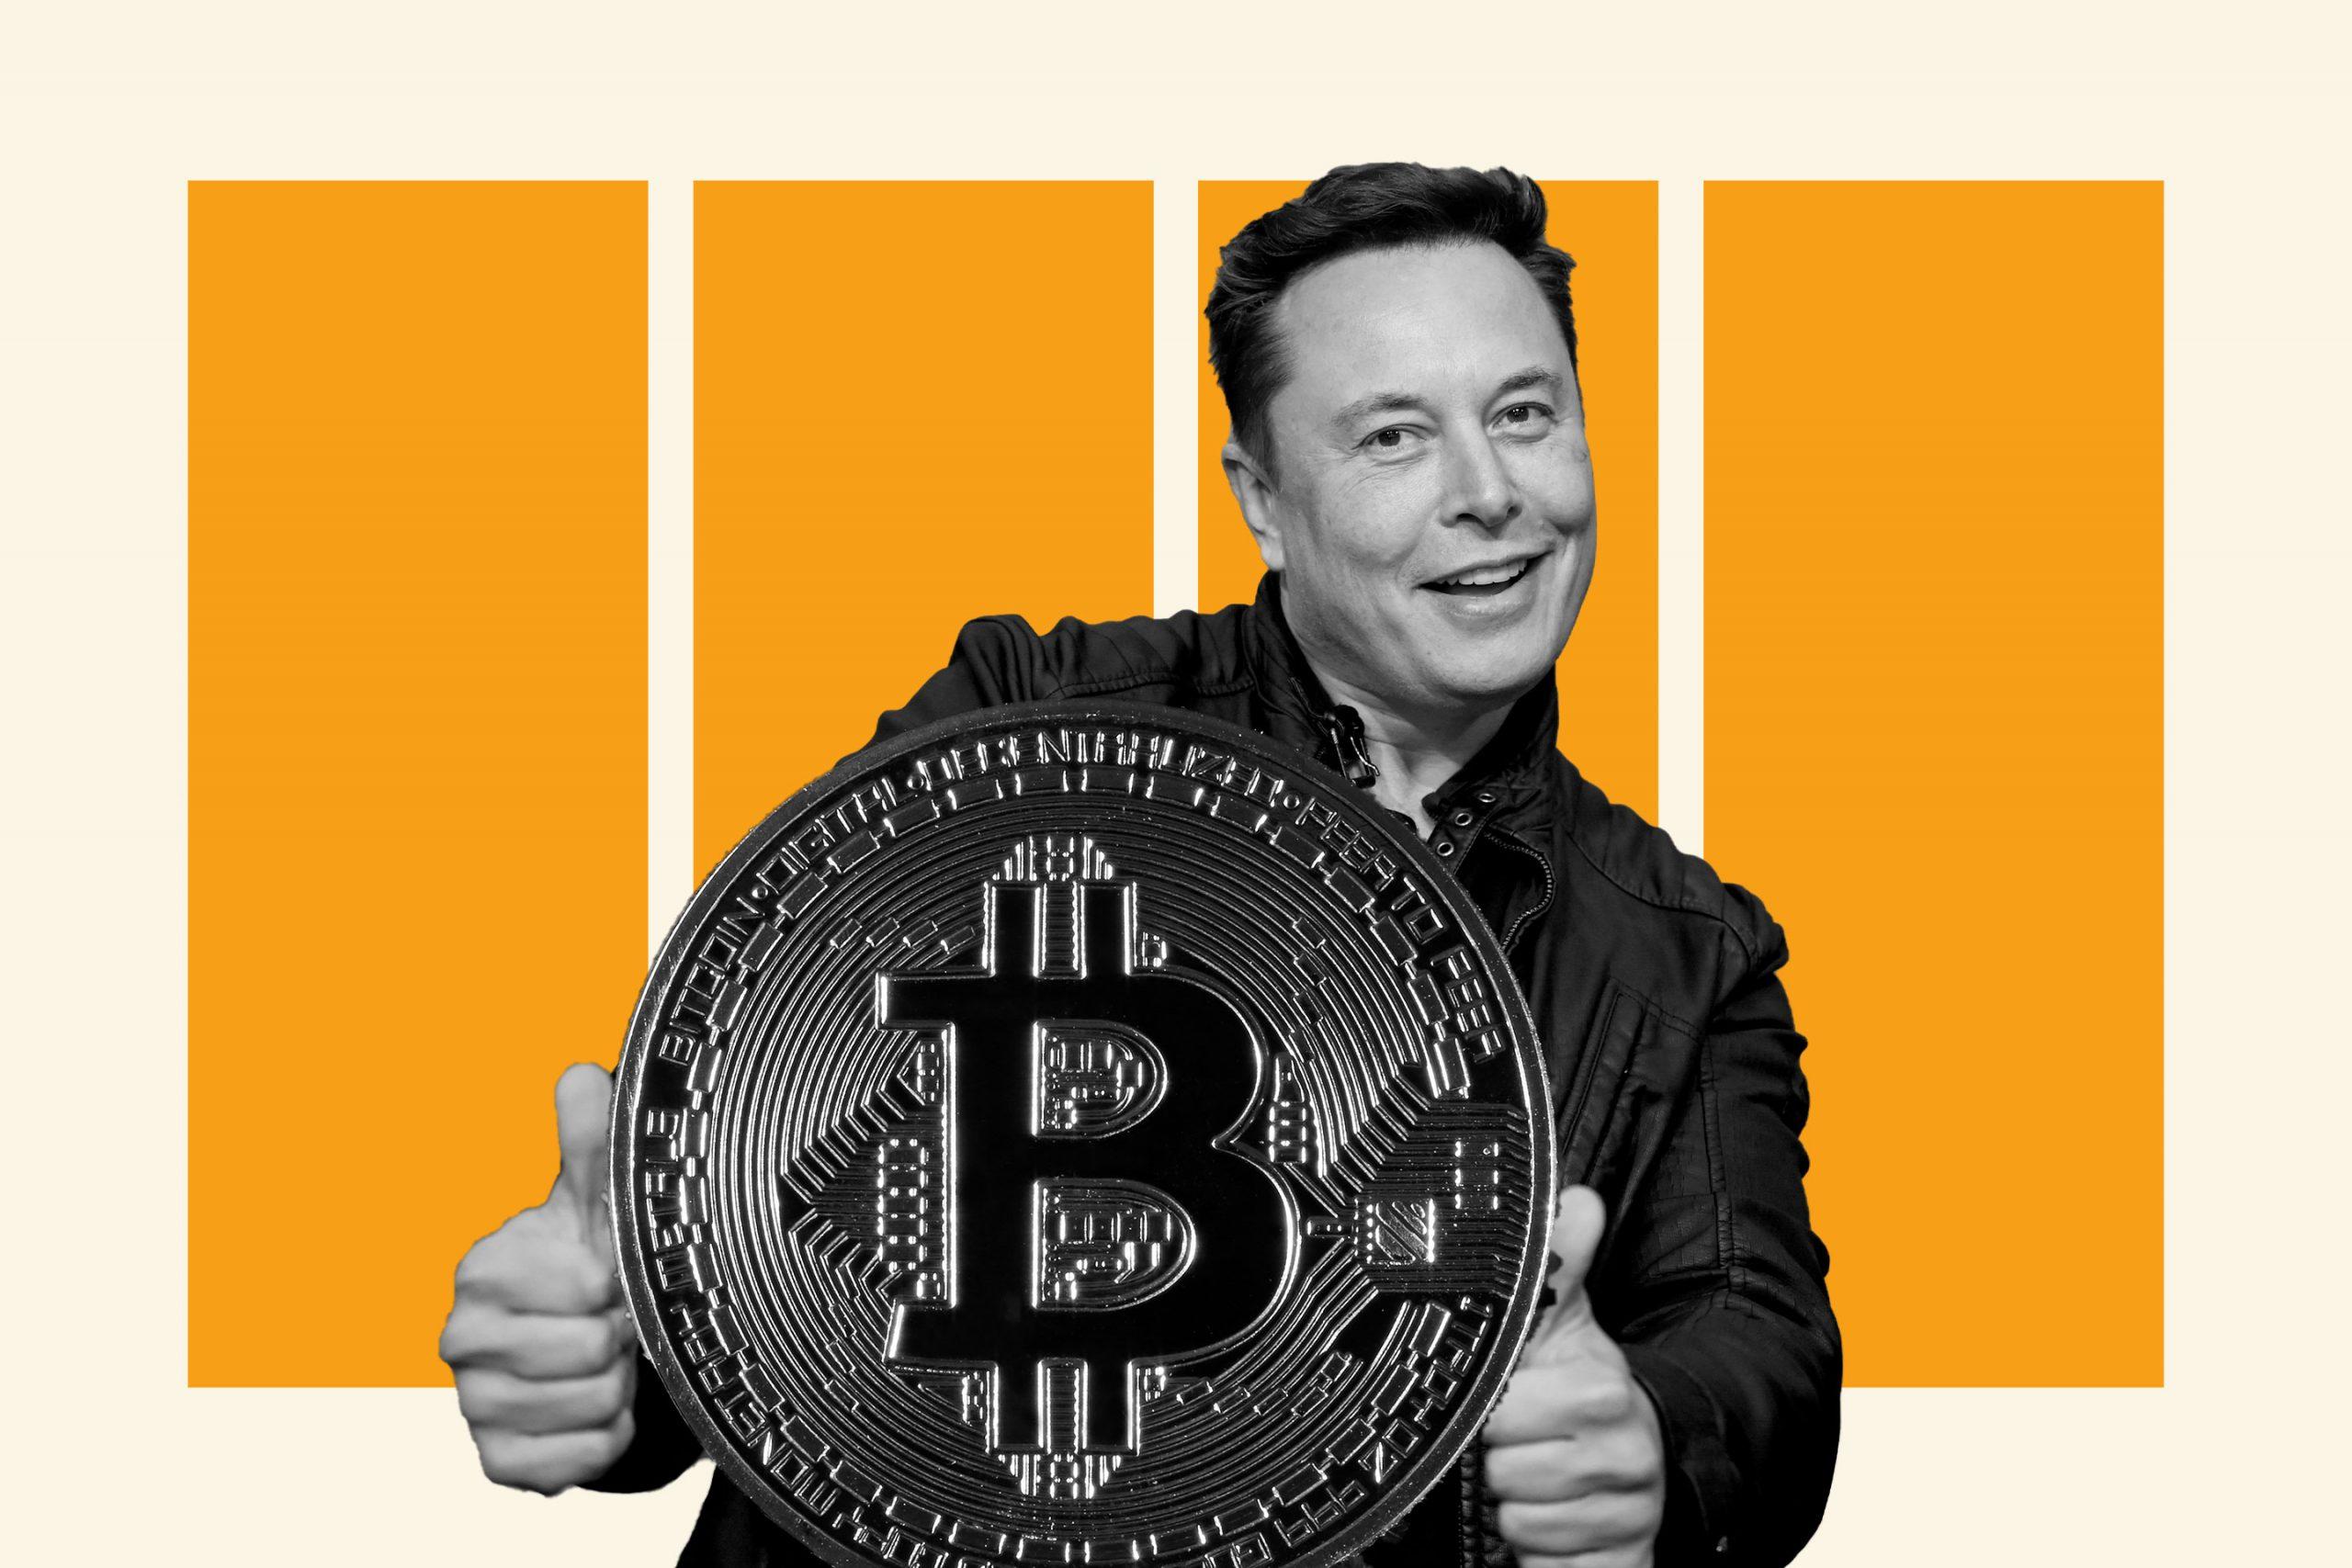 Elon Musk'ın Şirketi Tesla, Bitcoin Yatırımında 1 Milyar Dolar Kâra Geçti